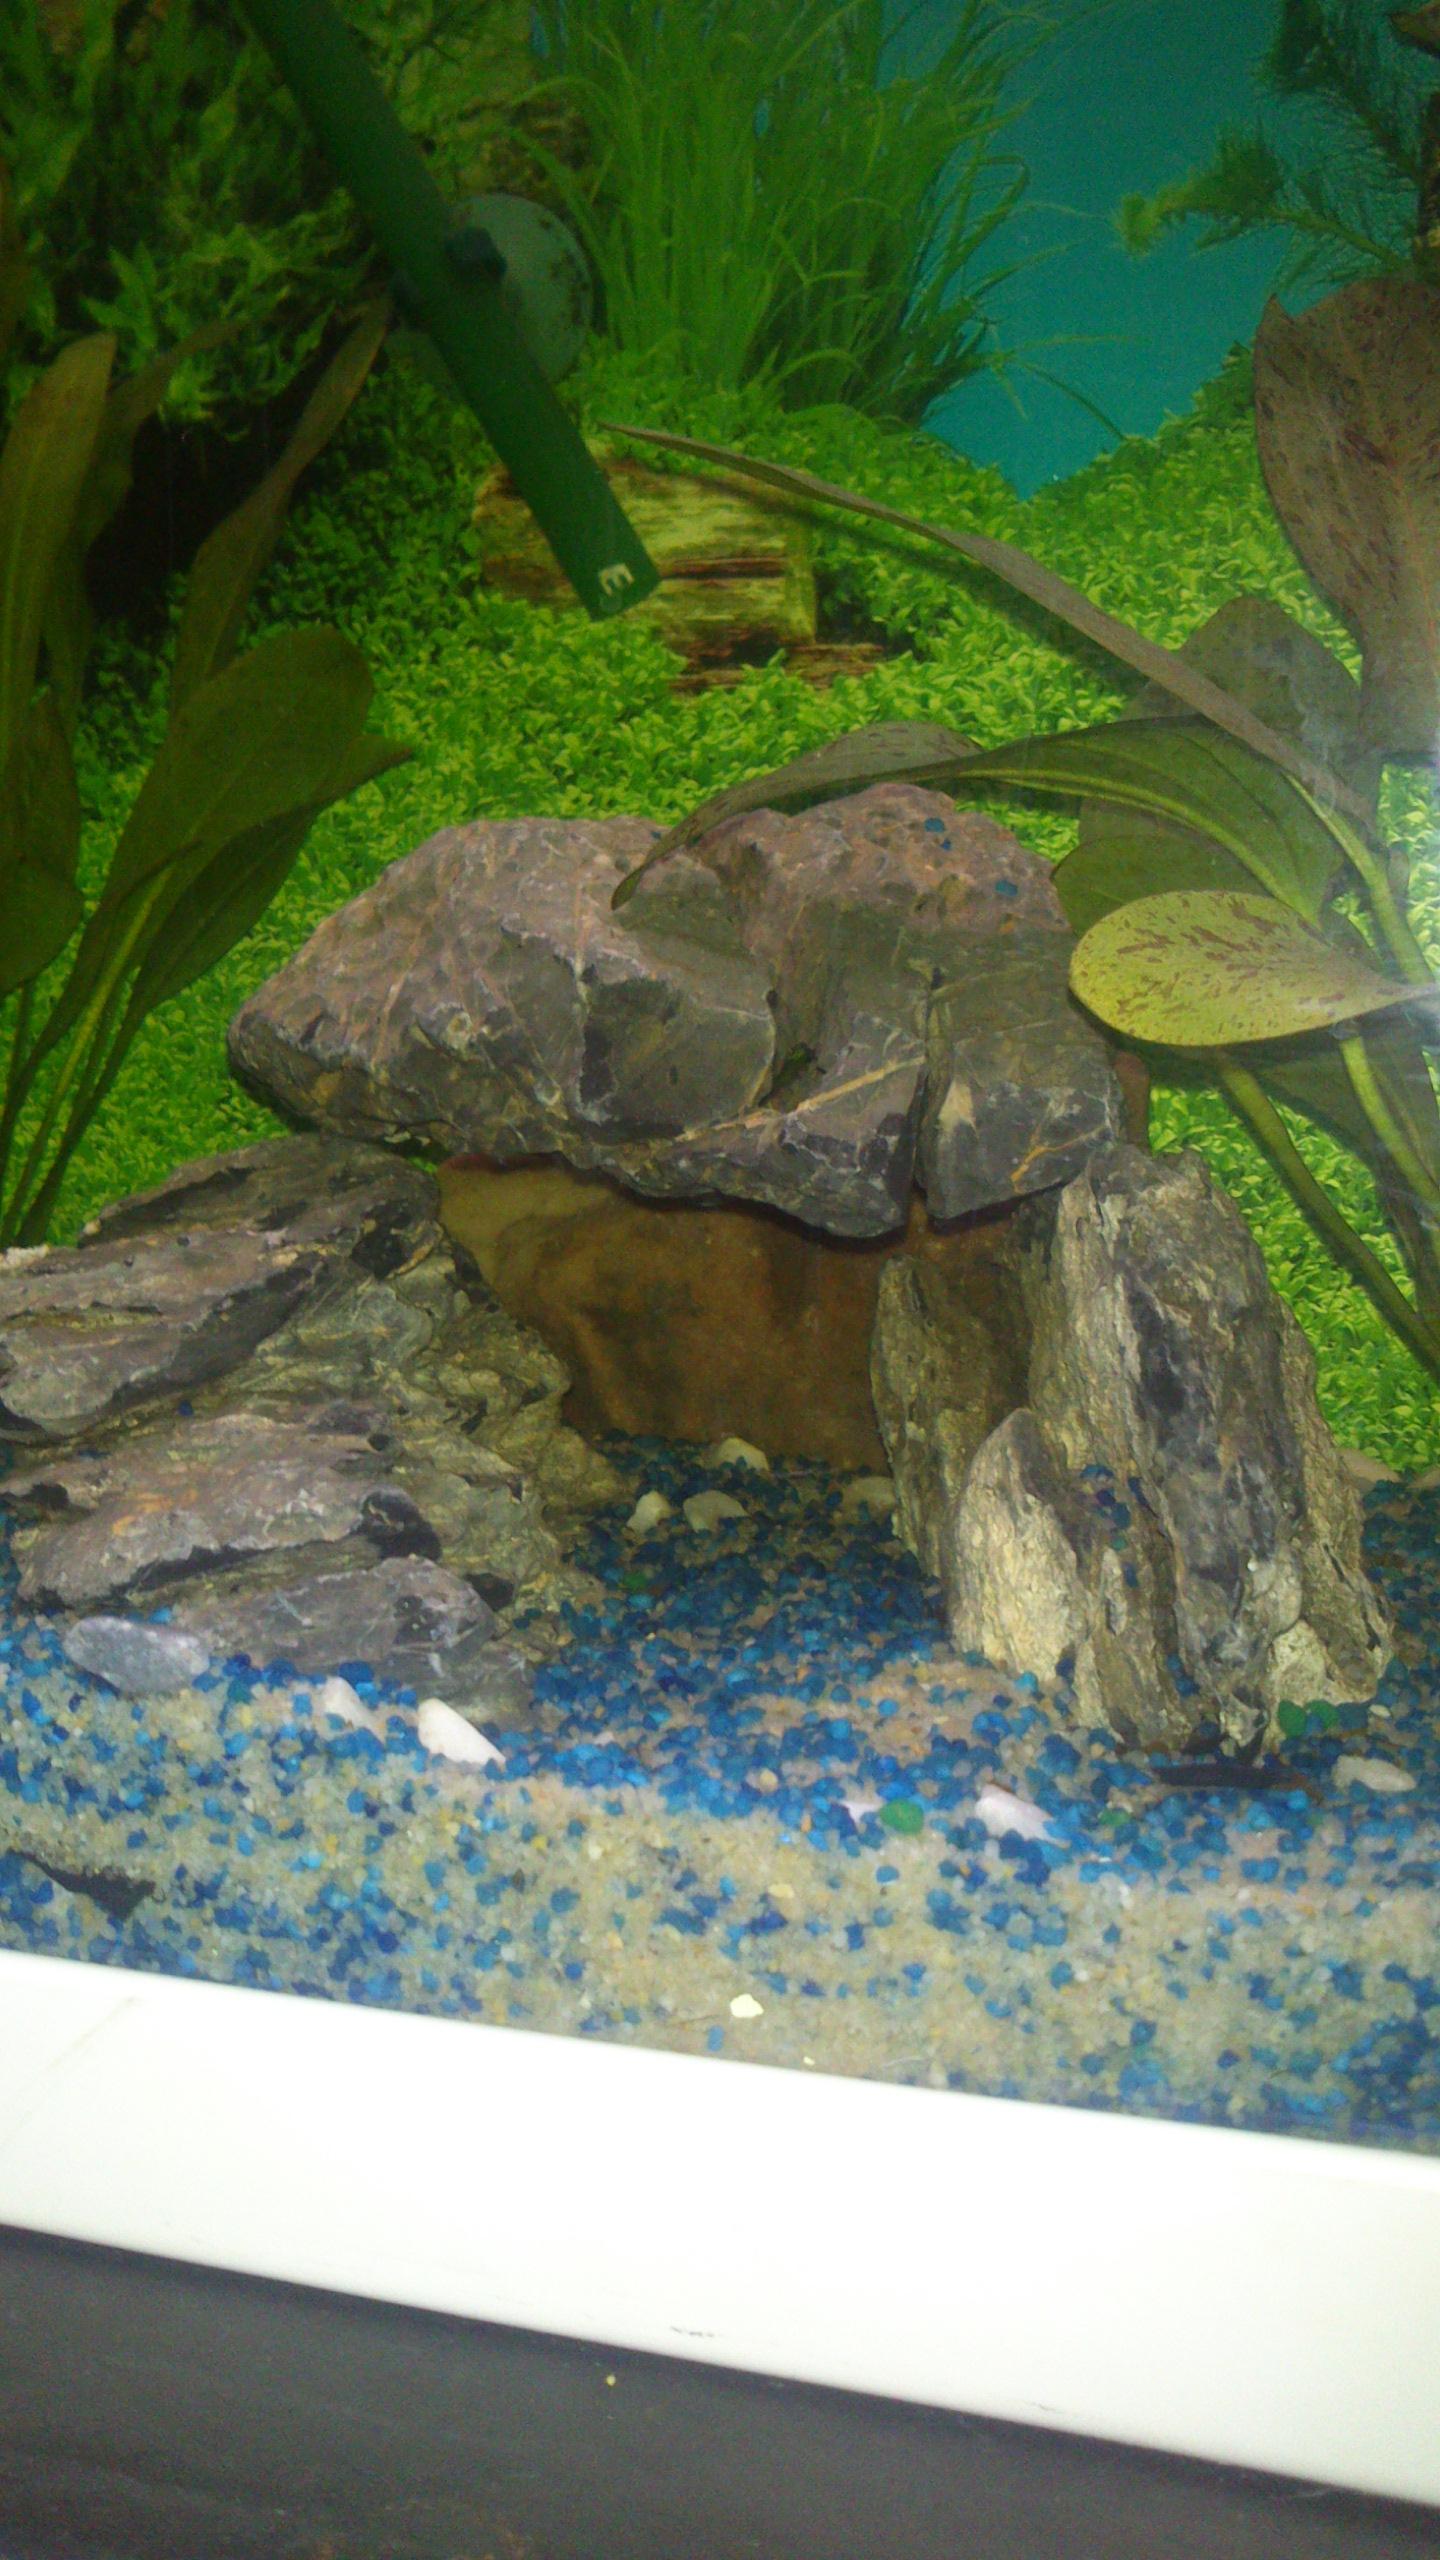 Aquarium 120L - Cichlidés  1432540920-dsc-0066